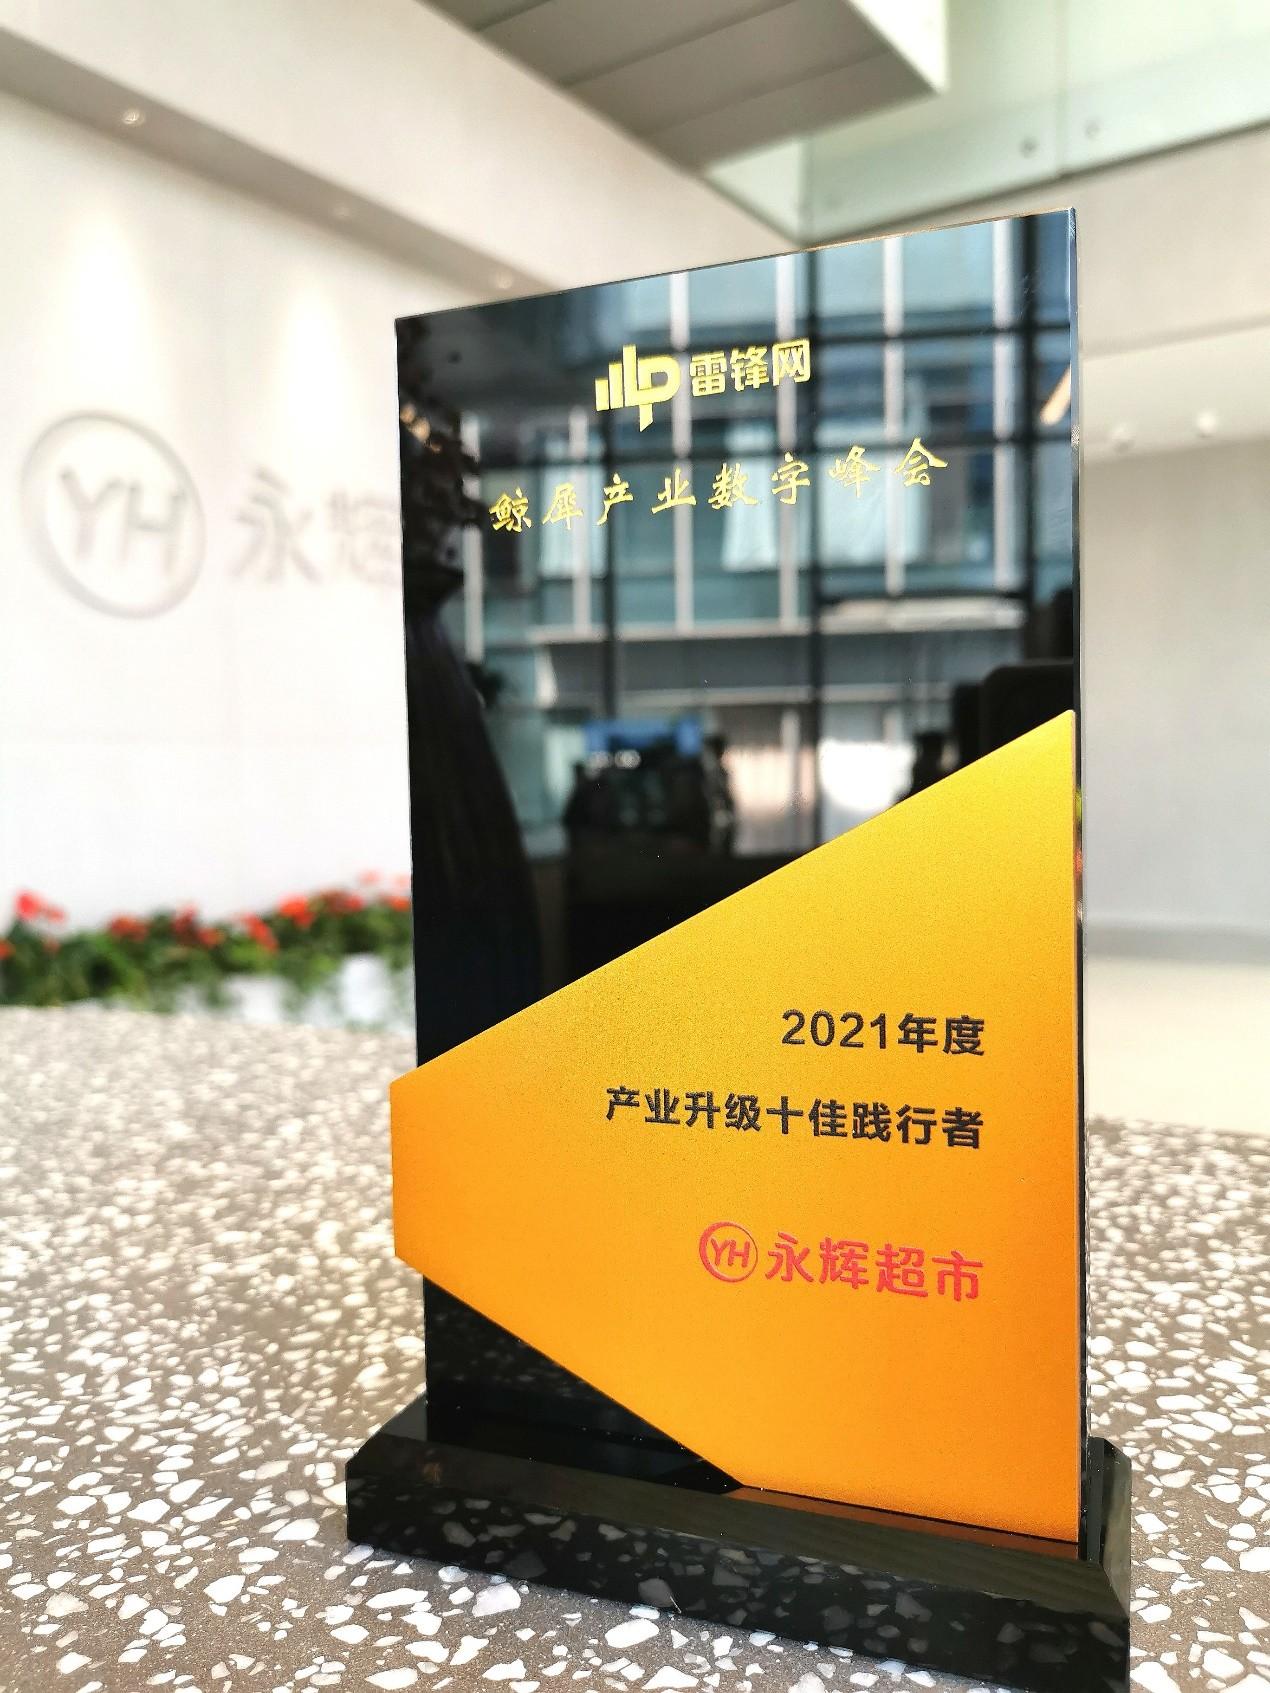 """全面拥抱数字化 永辉获评""""2021年度产业升级十佳践行者"""""""